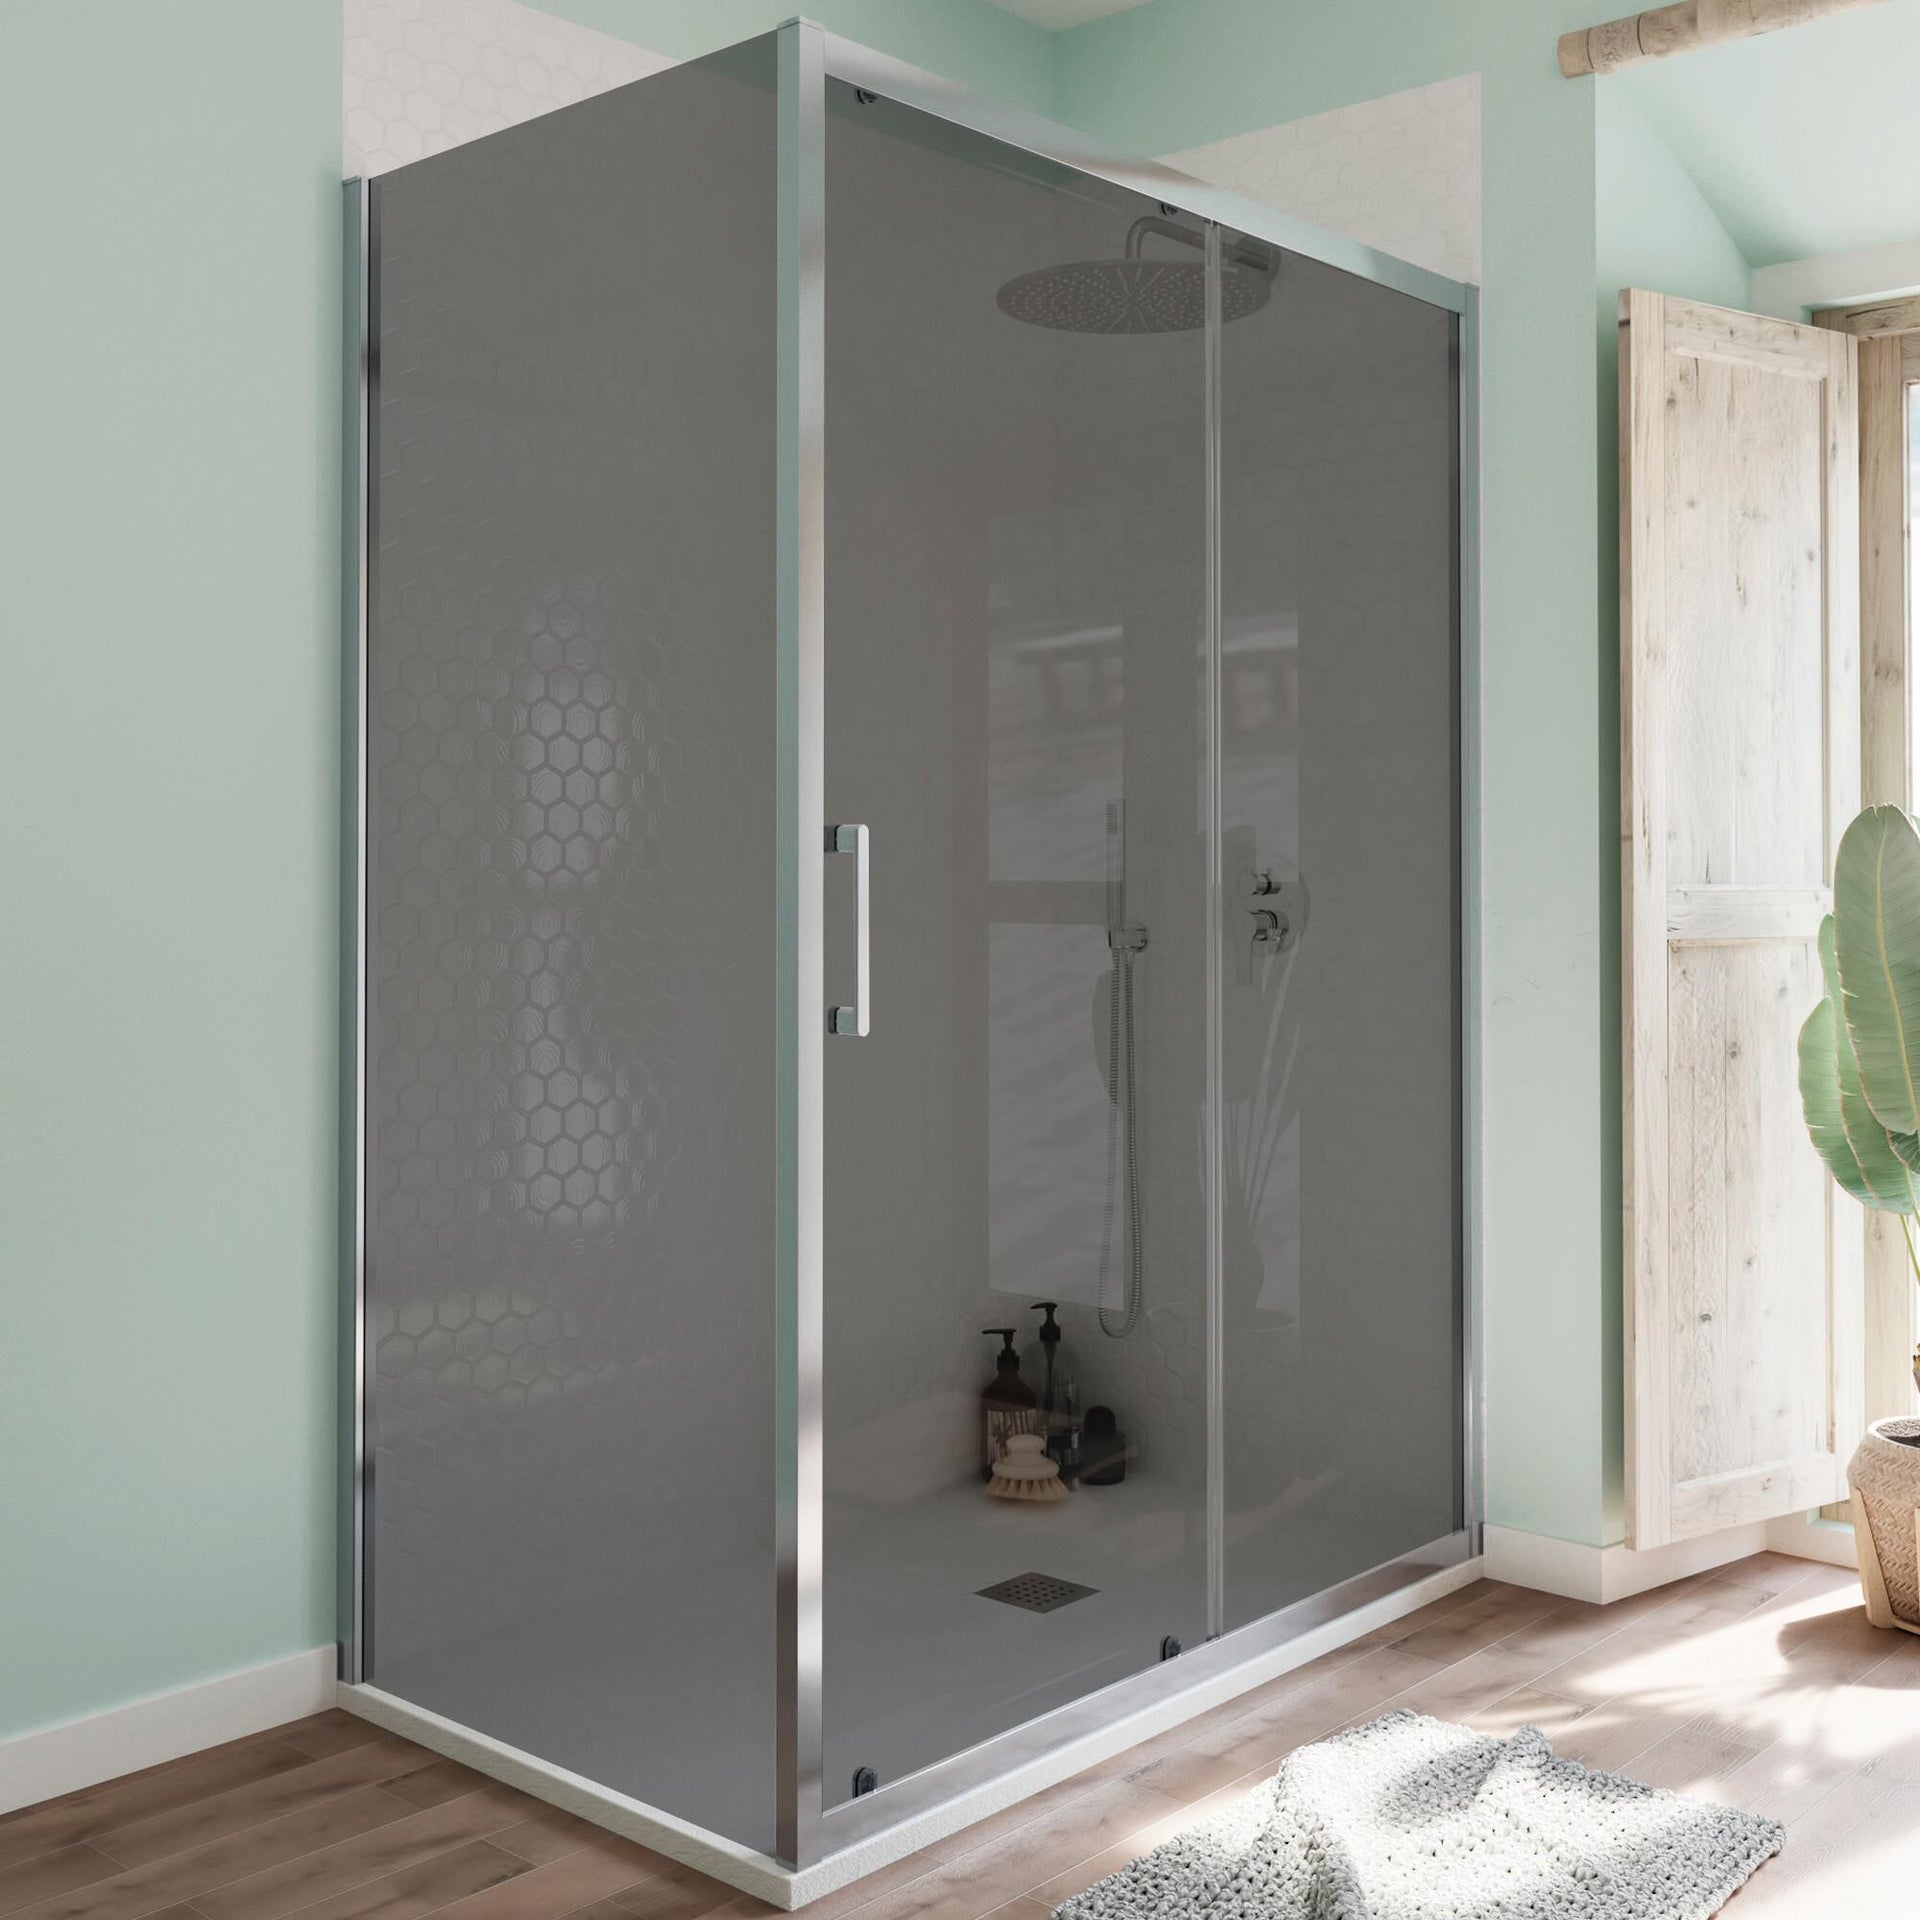 Box doccia angolare porta scorrevole e lato fisso rettangolare Bilbao 140 x 80 cm, H 190 cm in vetro temprato, spessore 6 mm fumé cromato